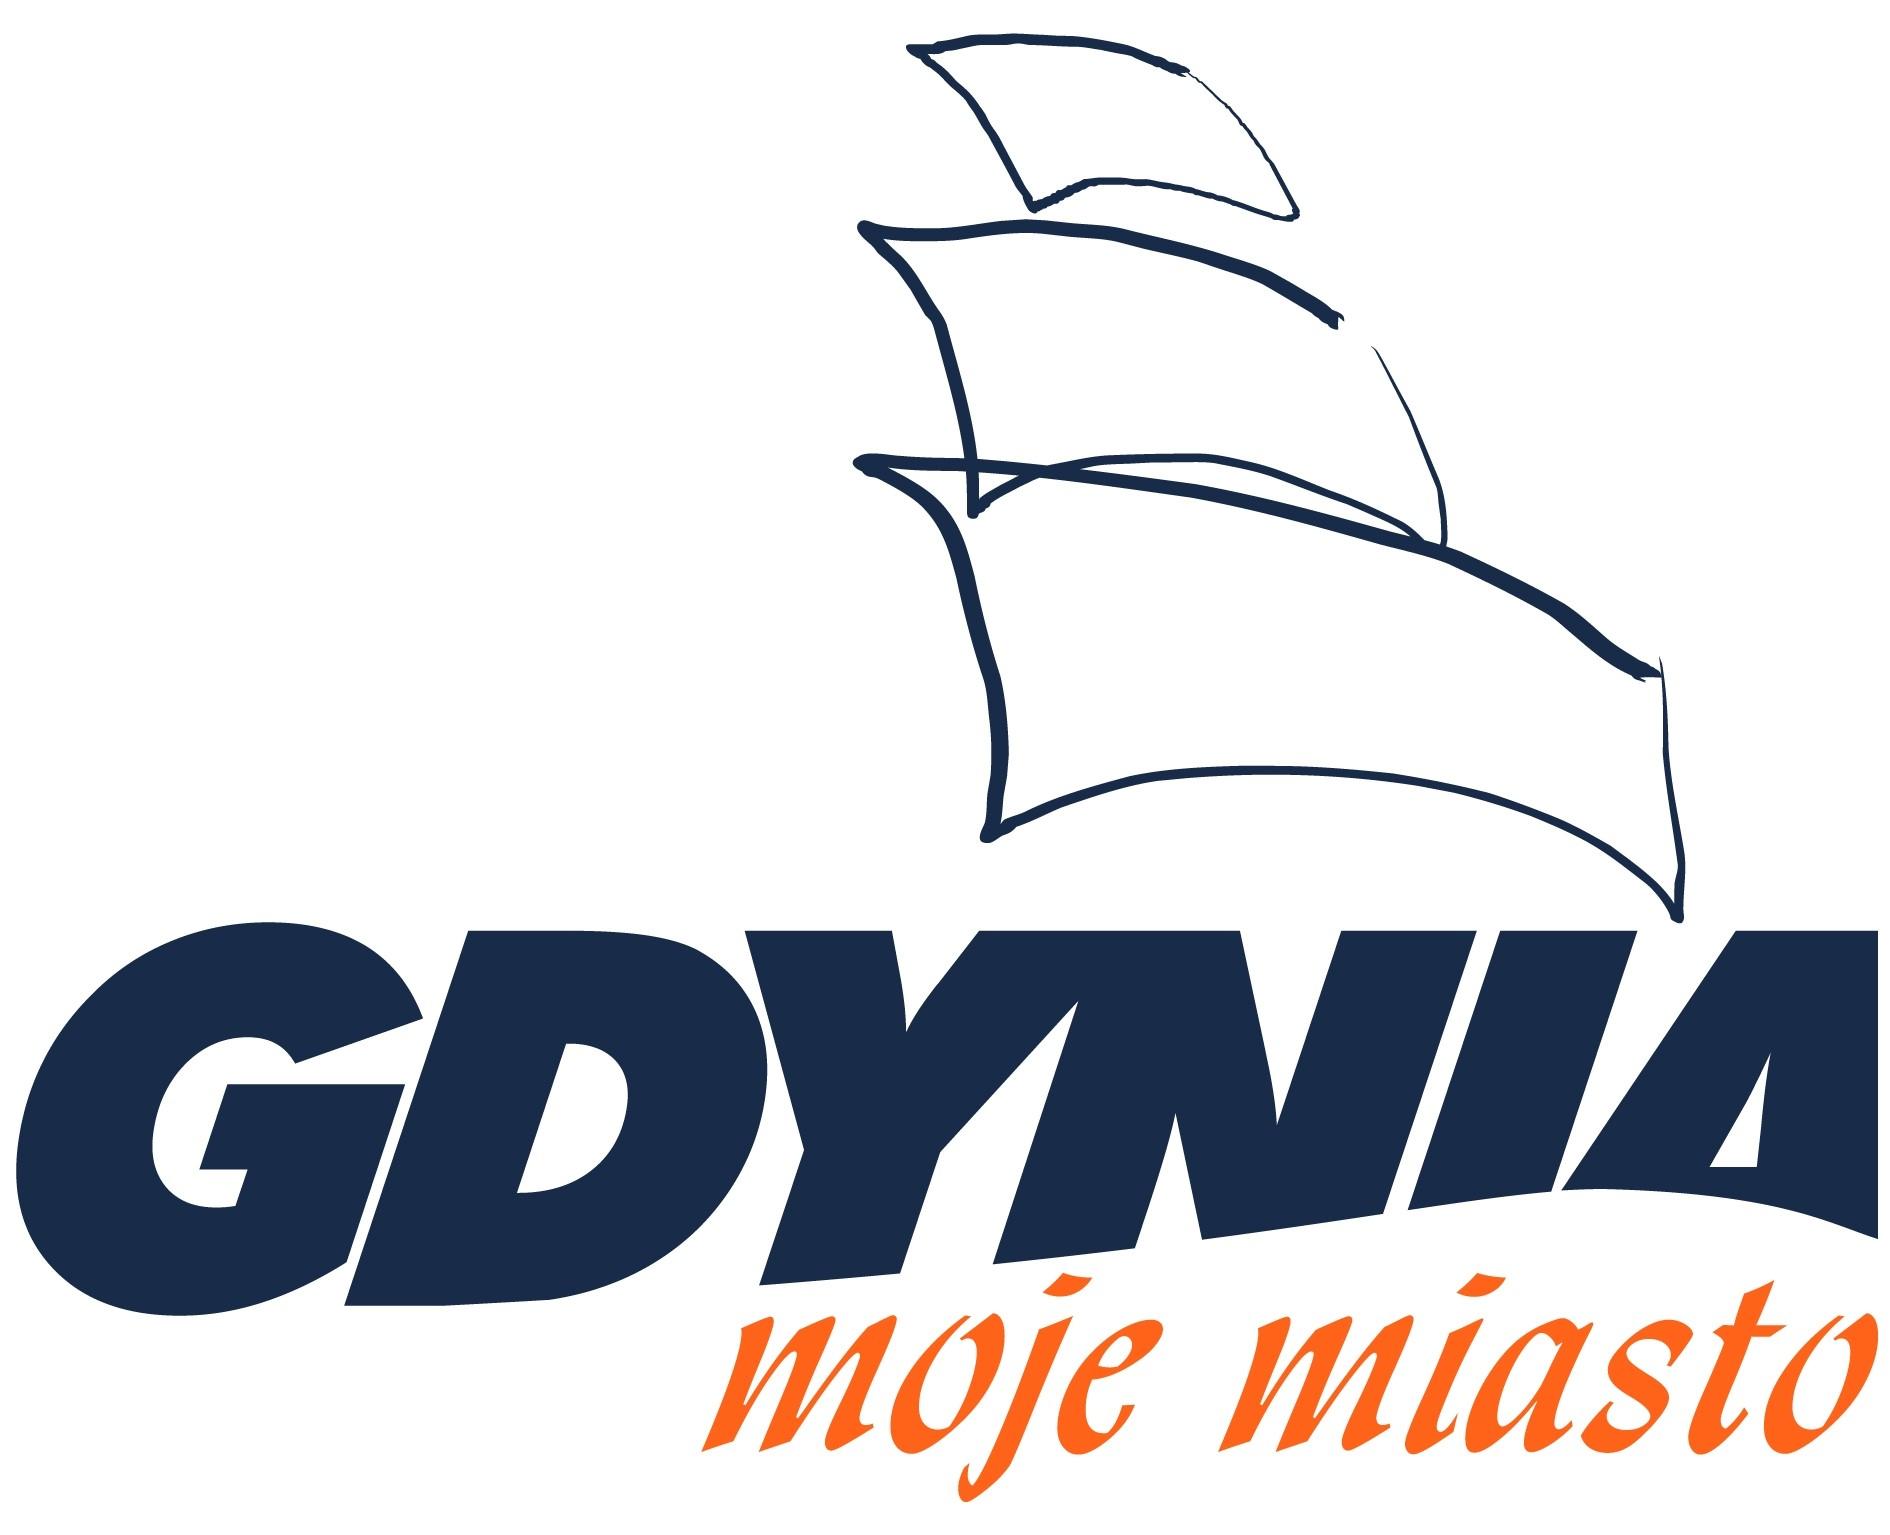 Znalezione obrazy dla zapytania logo gdynia